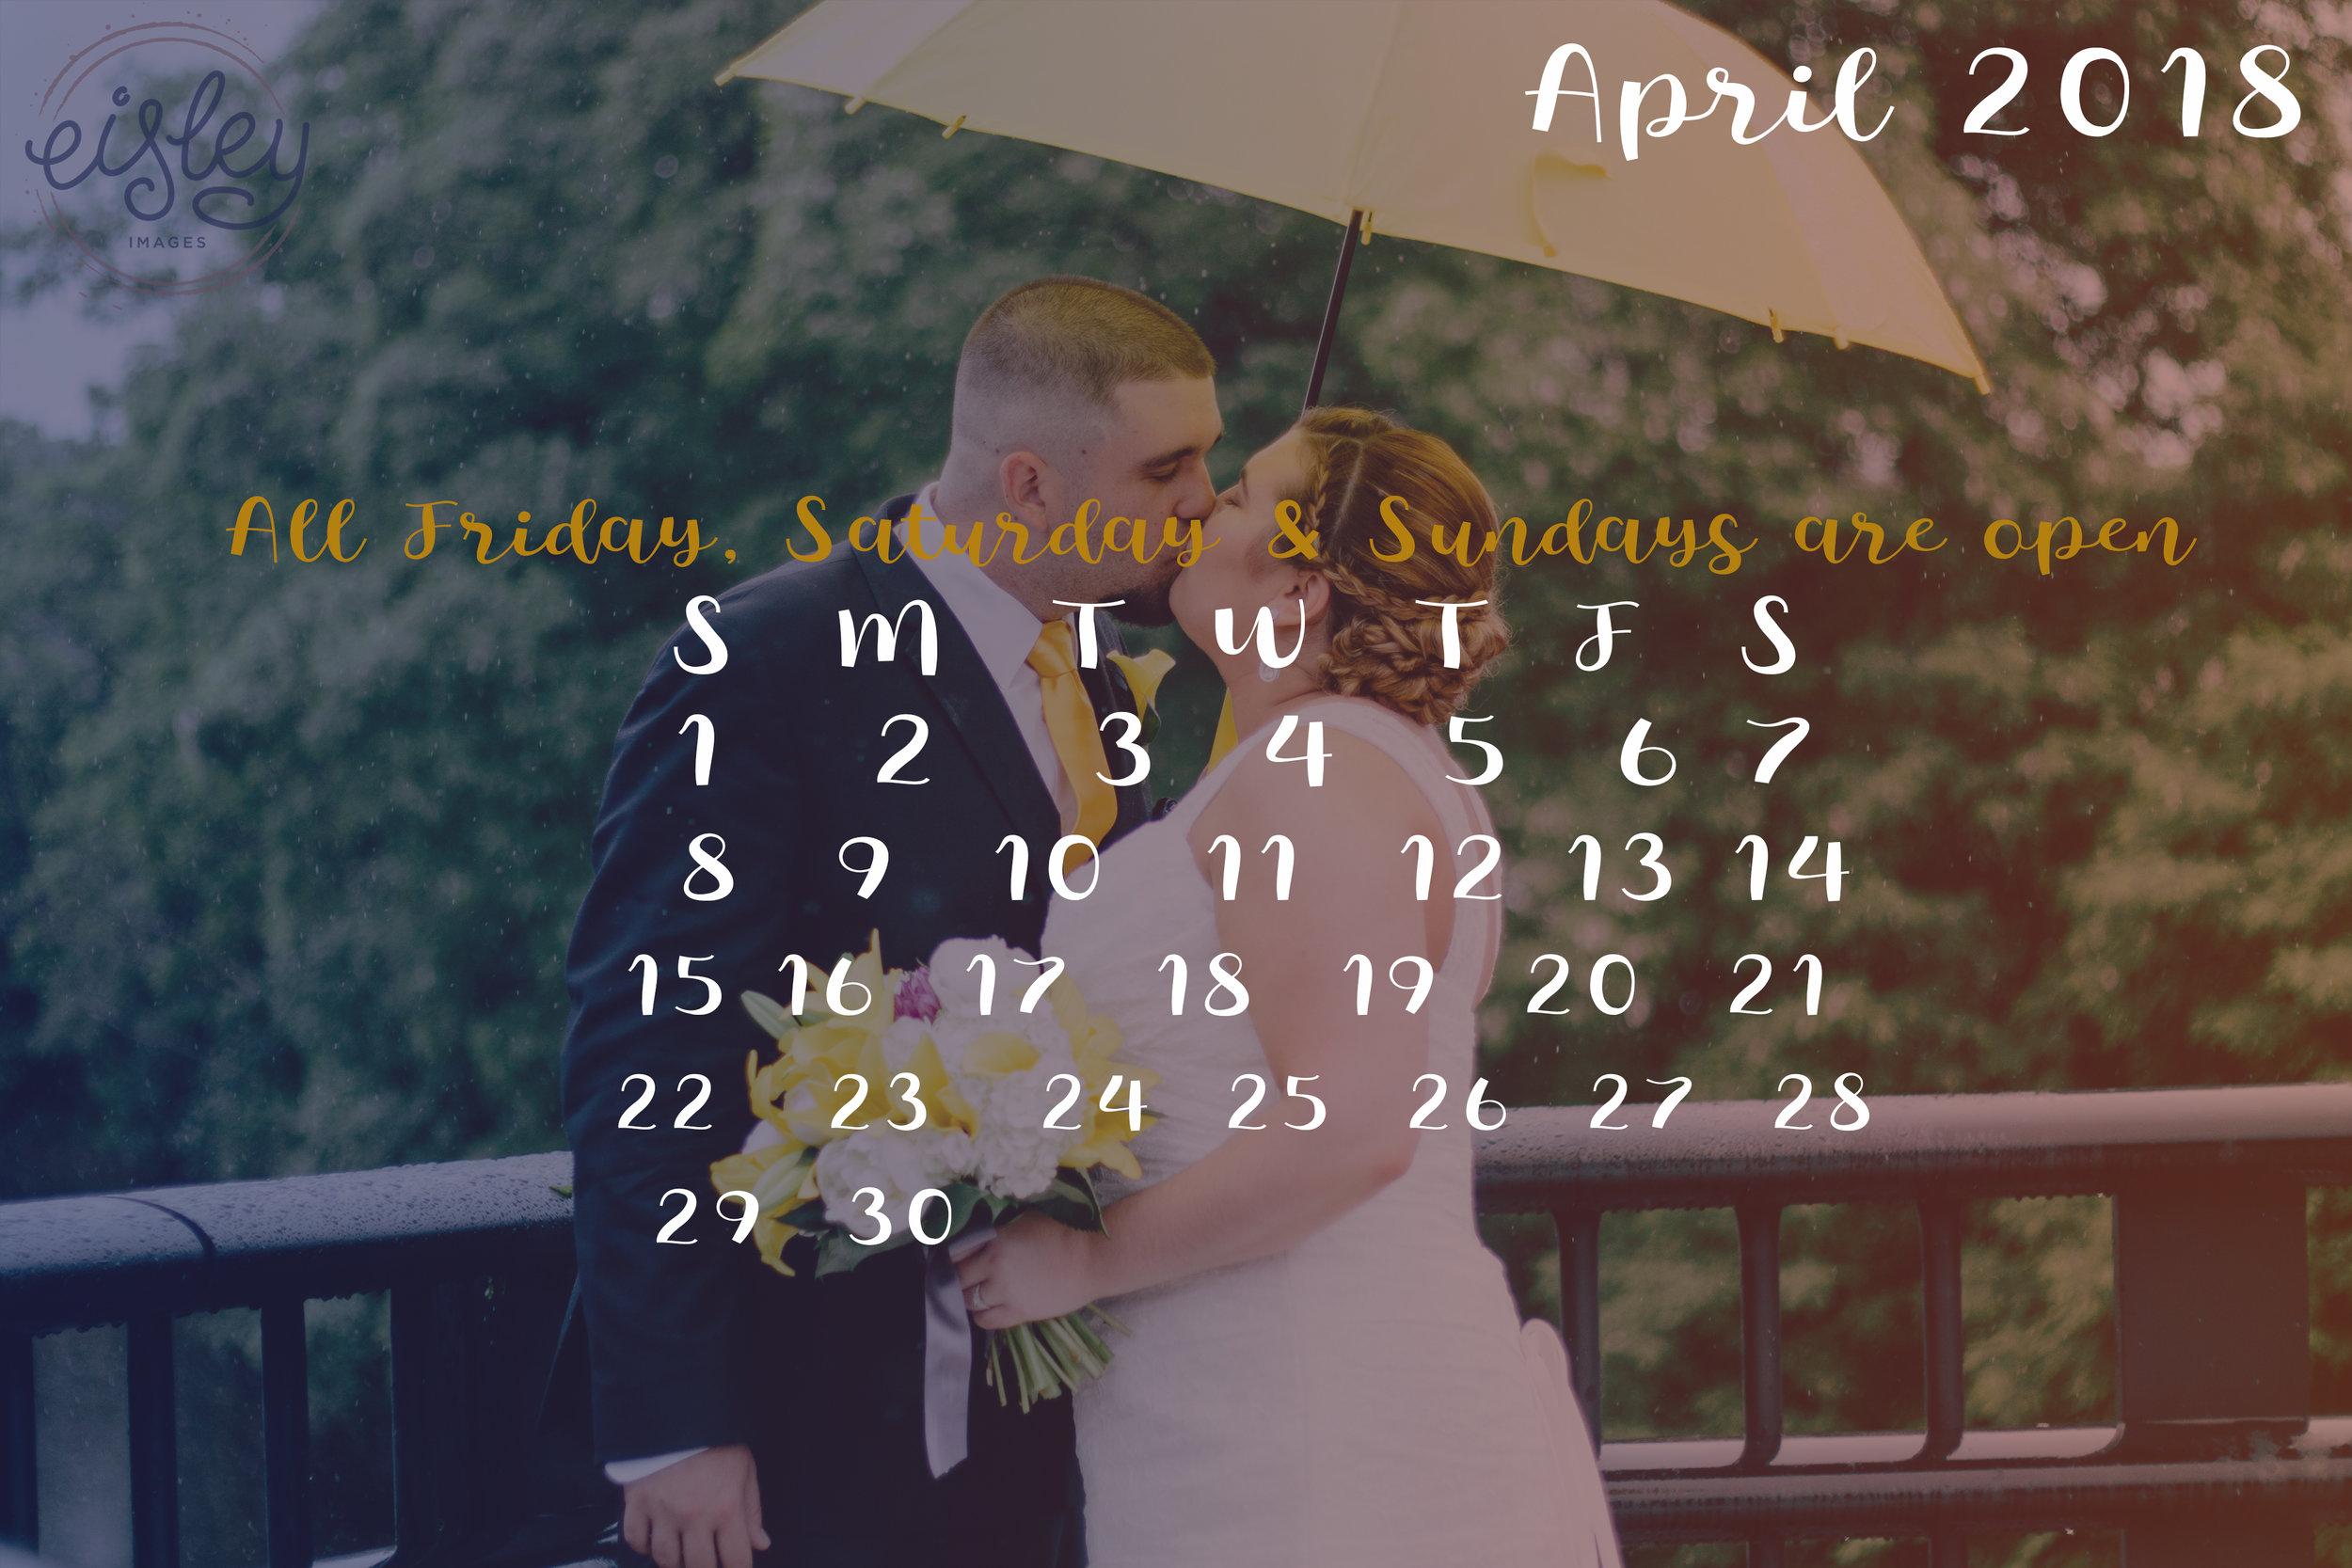 04 - april 2018.jpg